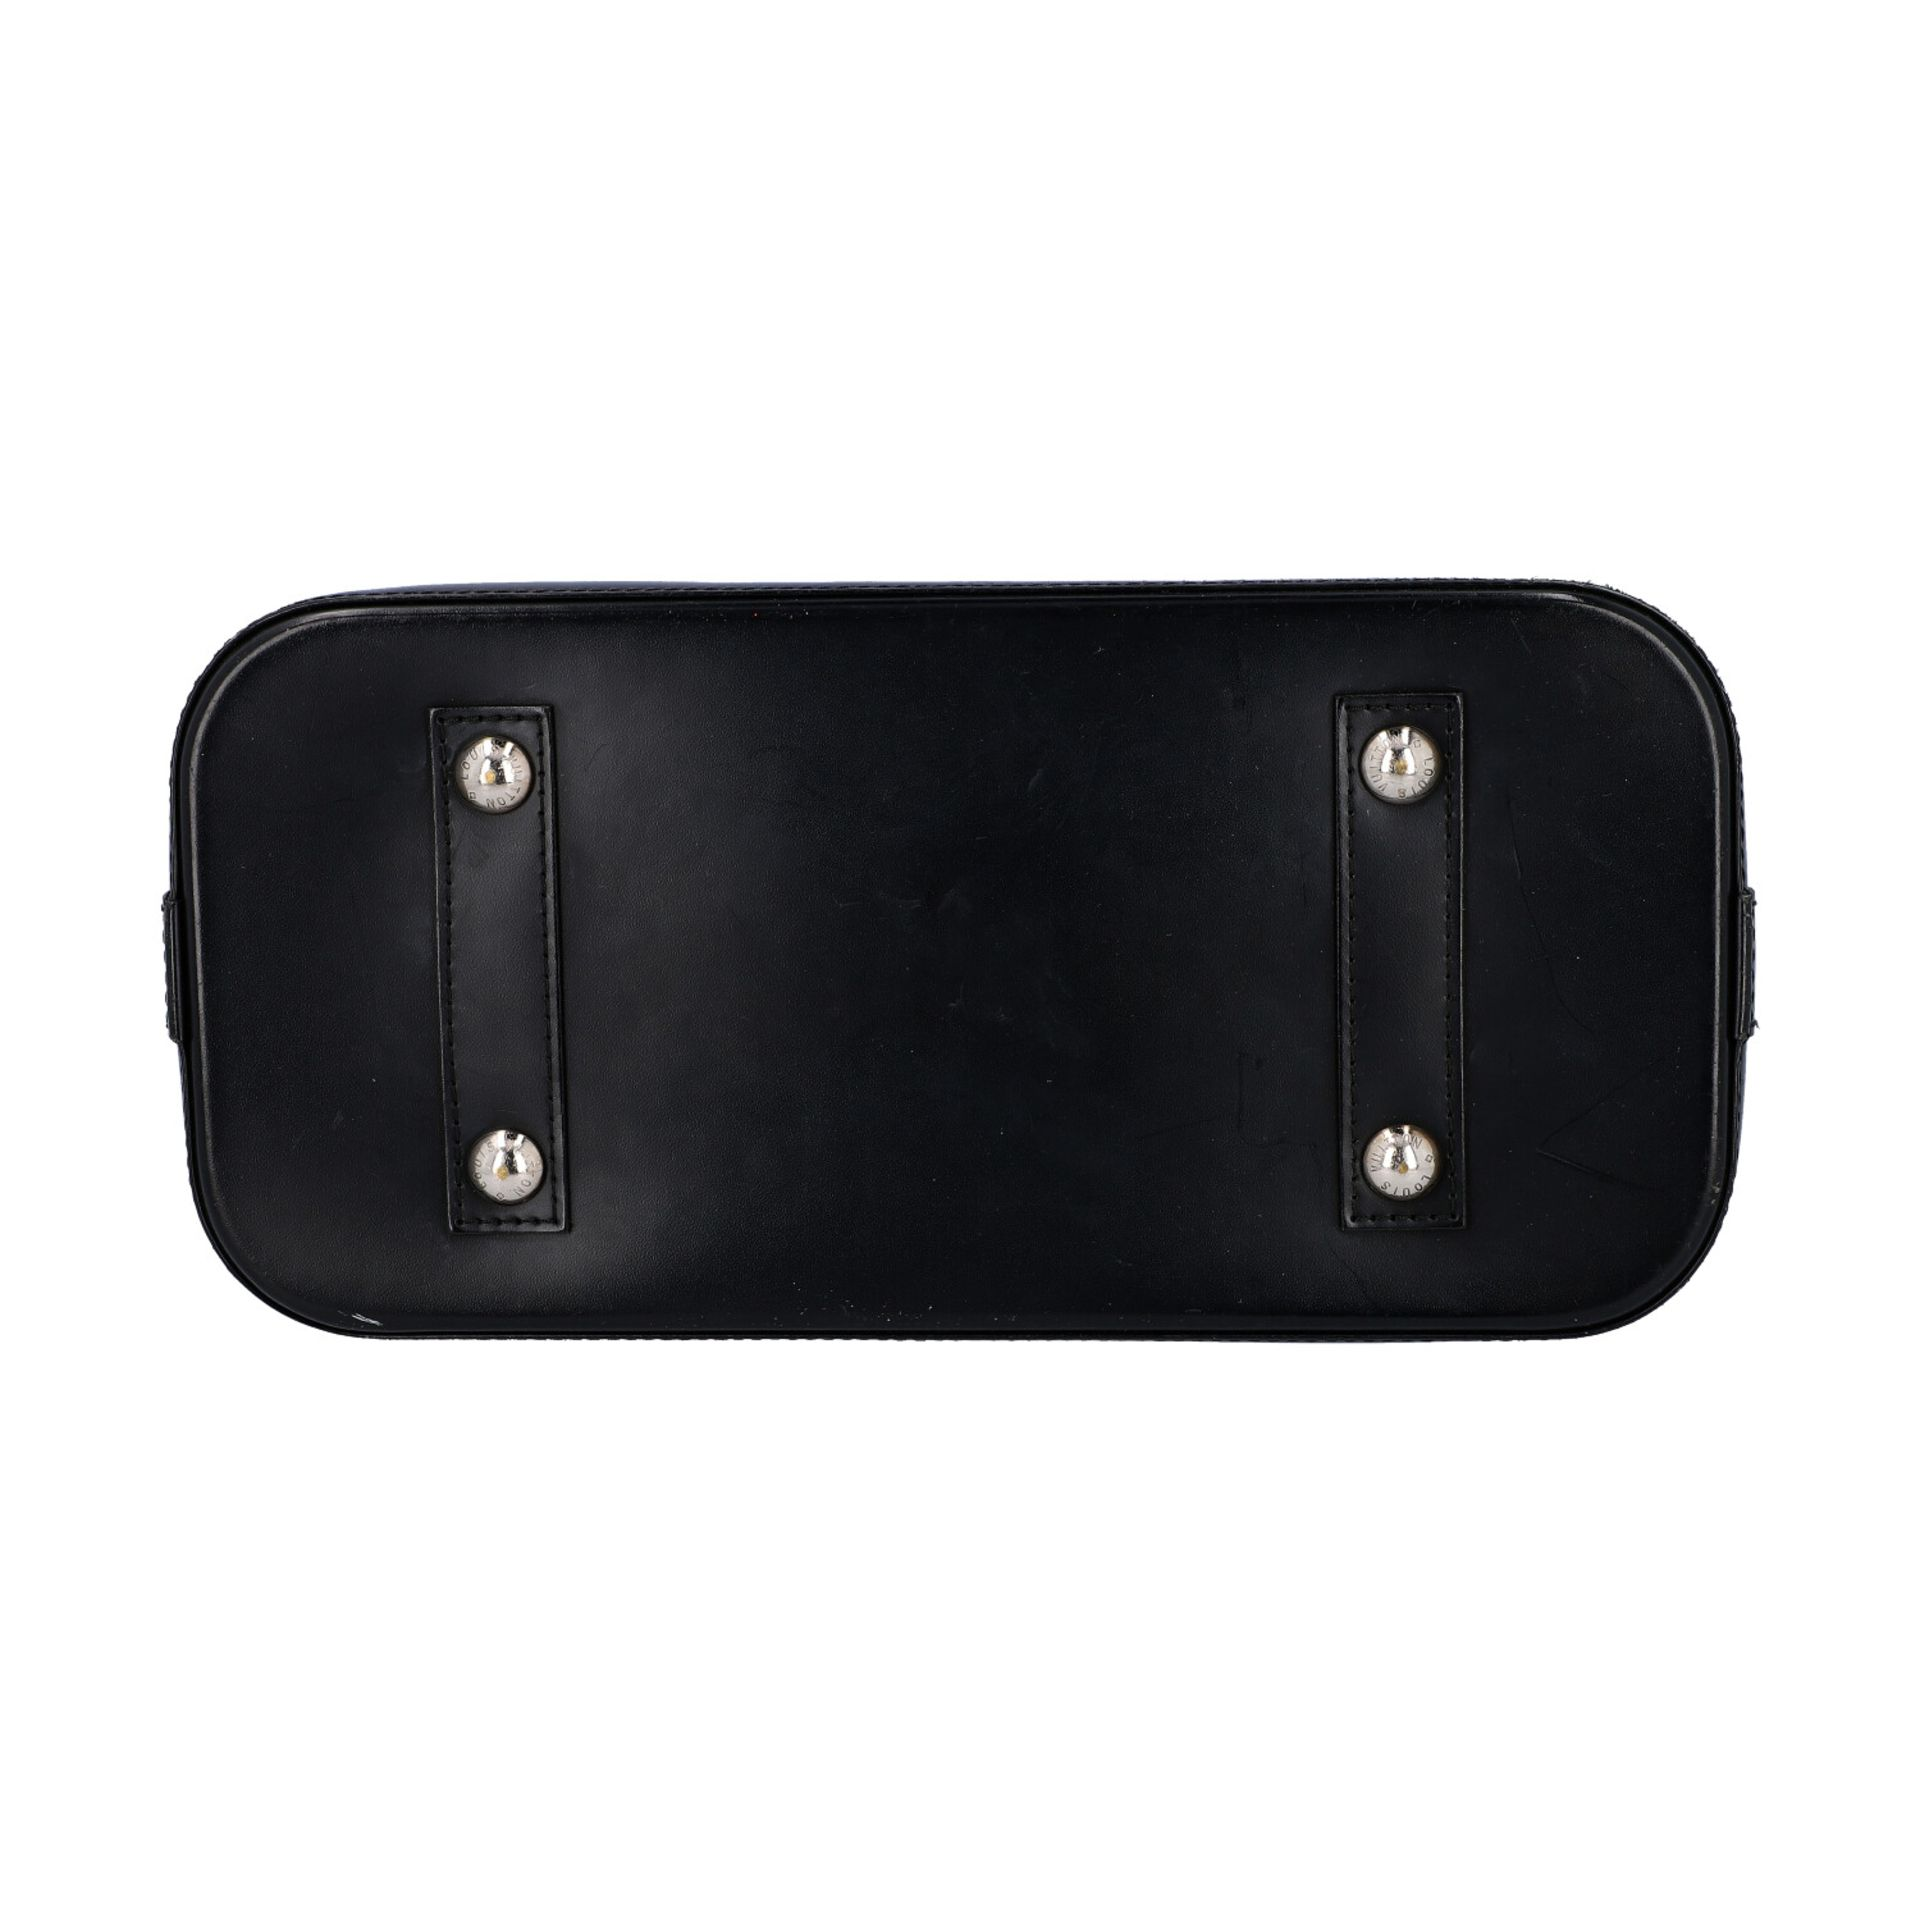 """LOUIS VUITTON Handtasche """"ALMA PM"""", Koll. 2011.Akt. NP.: 1.680,-€. Epi Leder Serie in Schwarz mit - Bild 5 aus 8"""